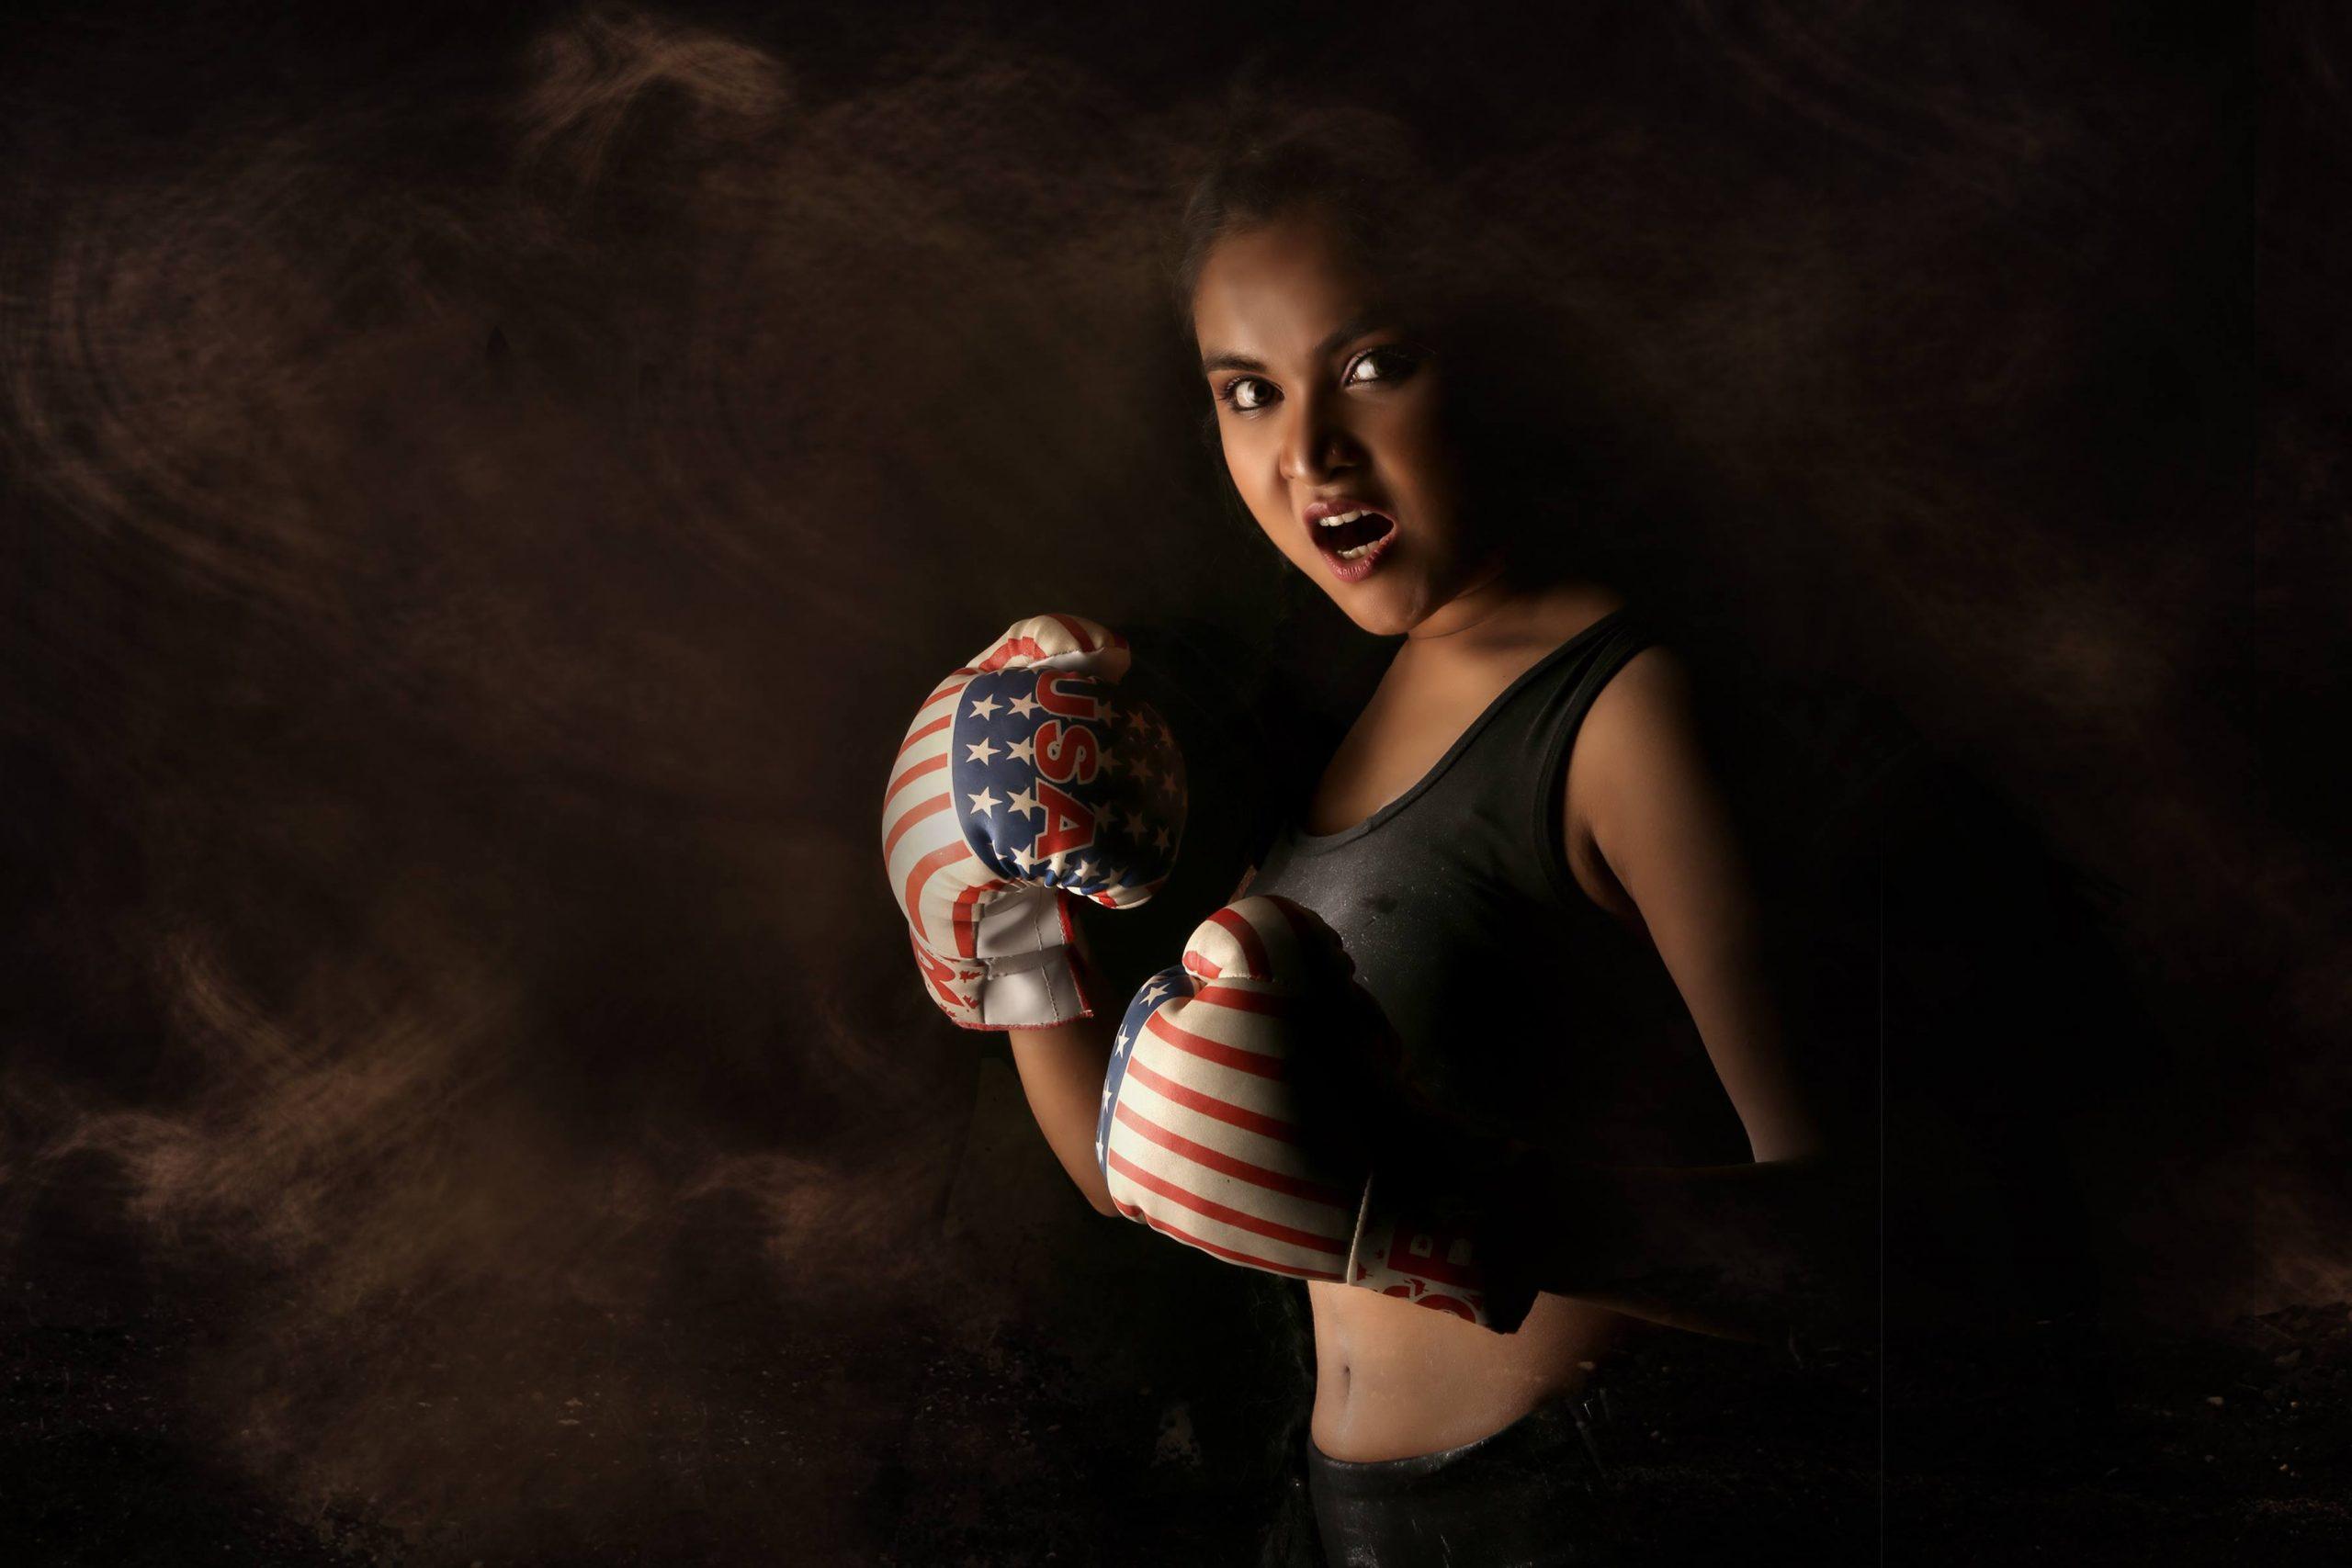 A boxer girl